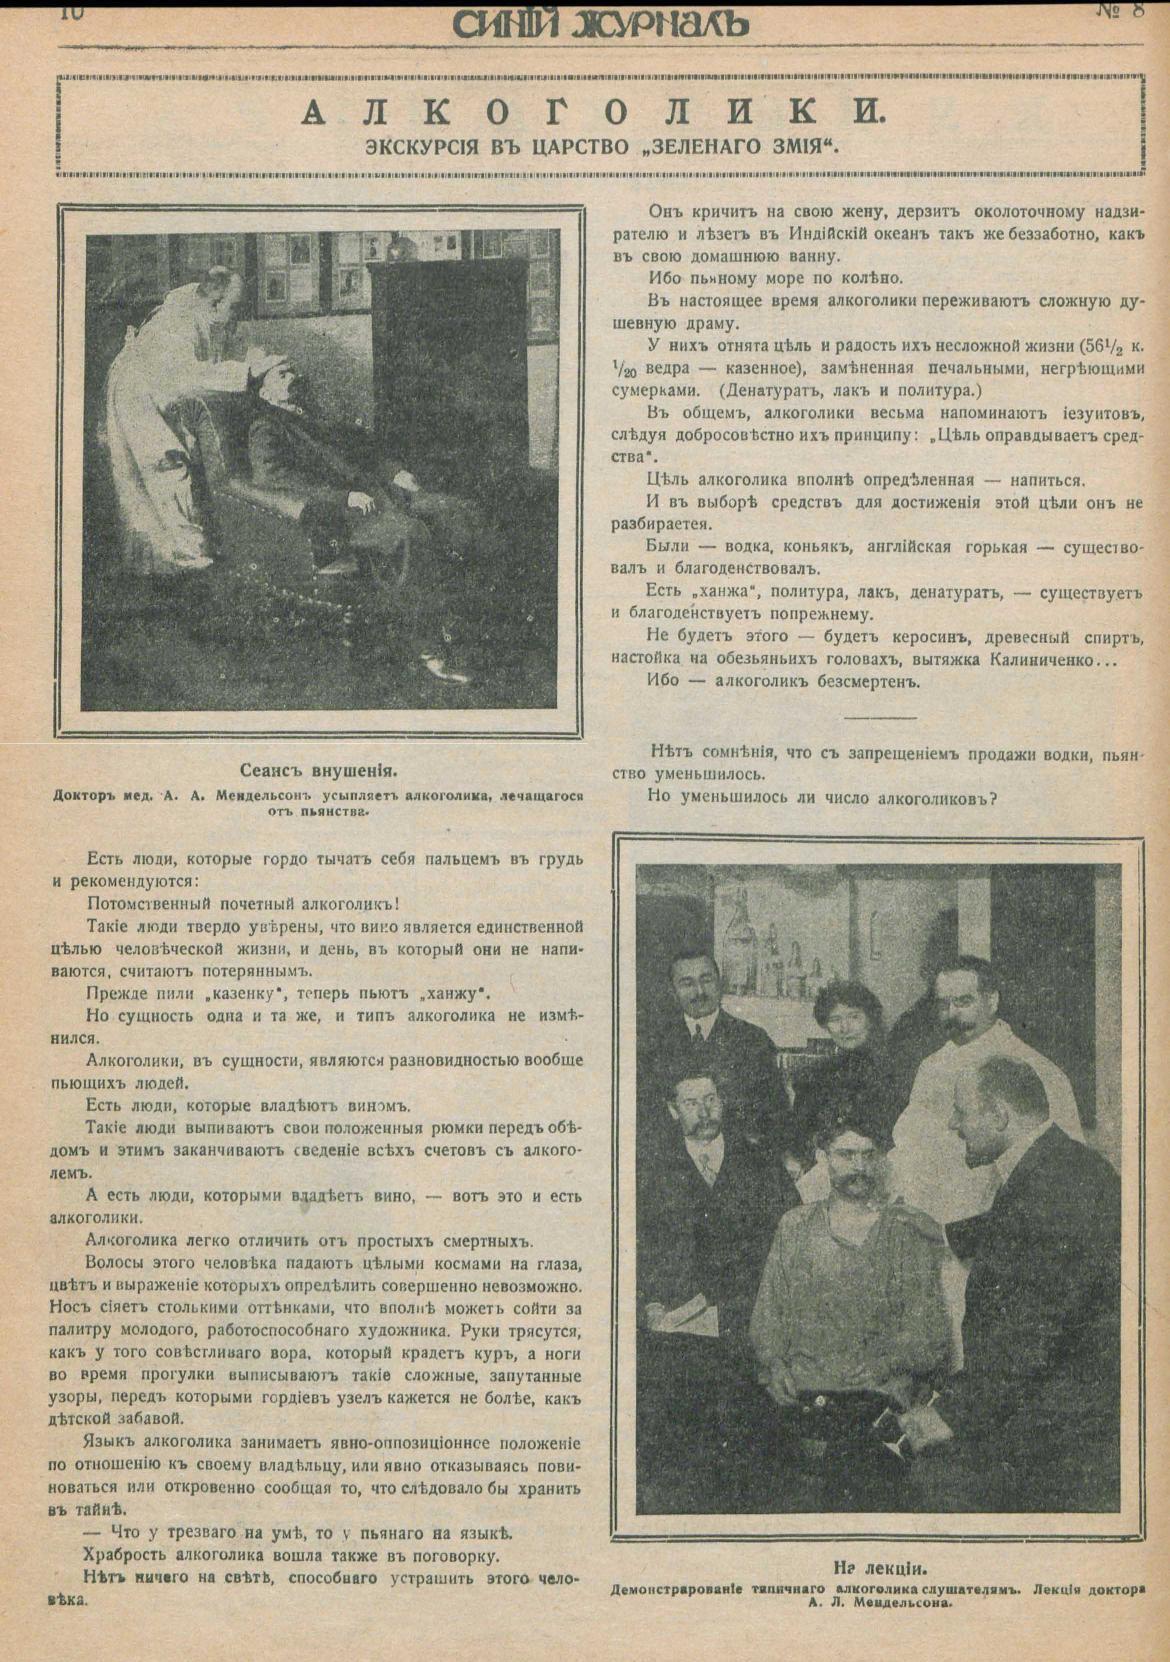 Синий журнал № 8 1917г.